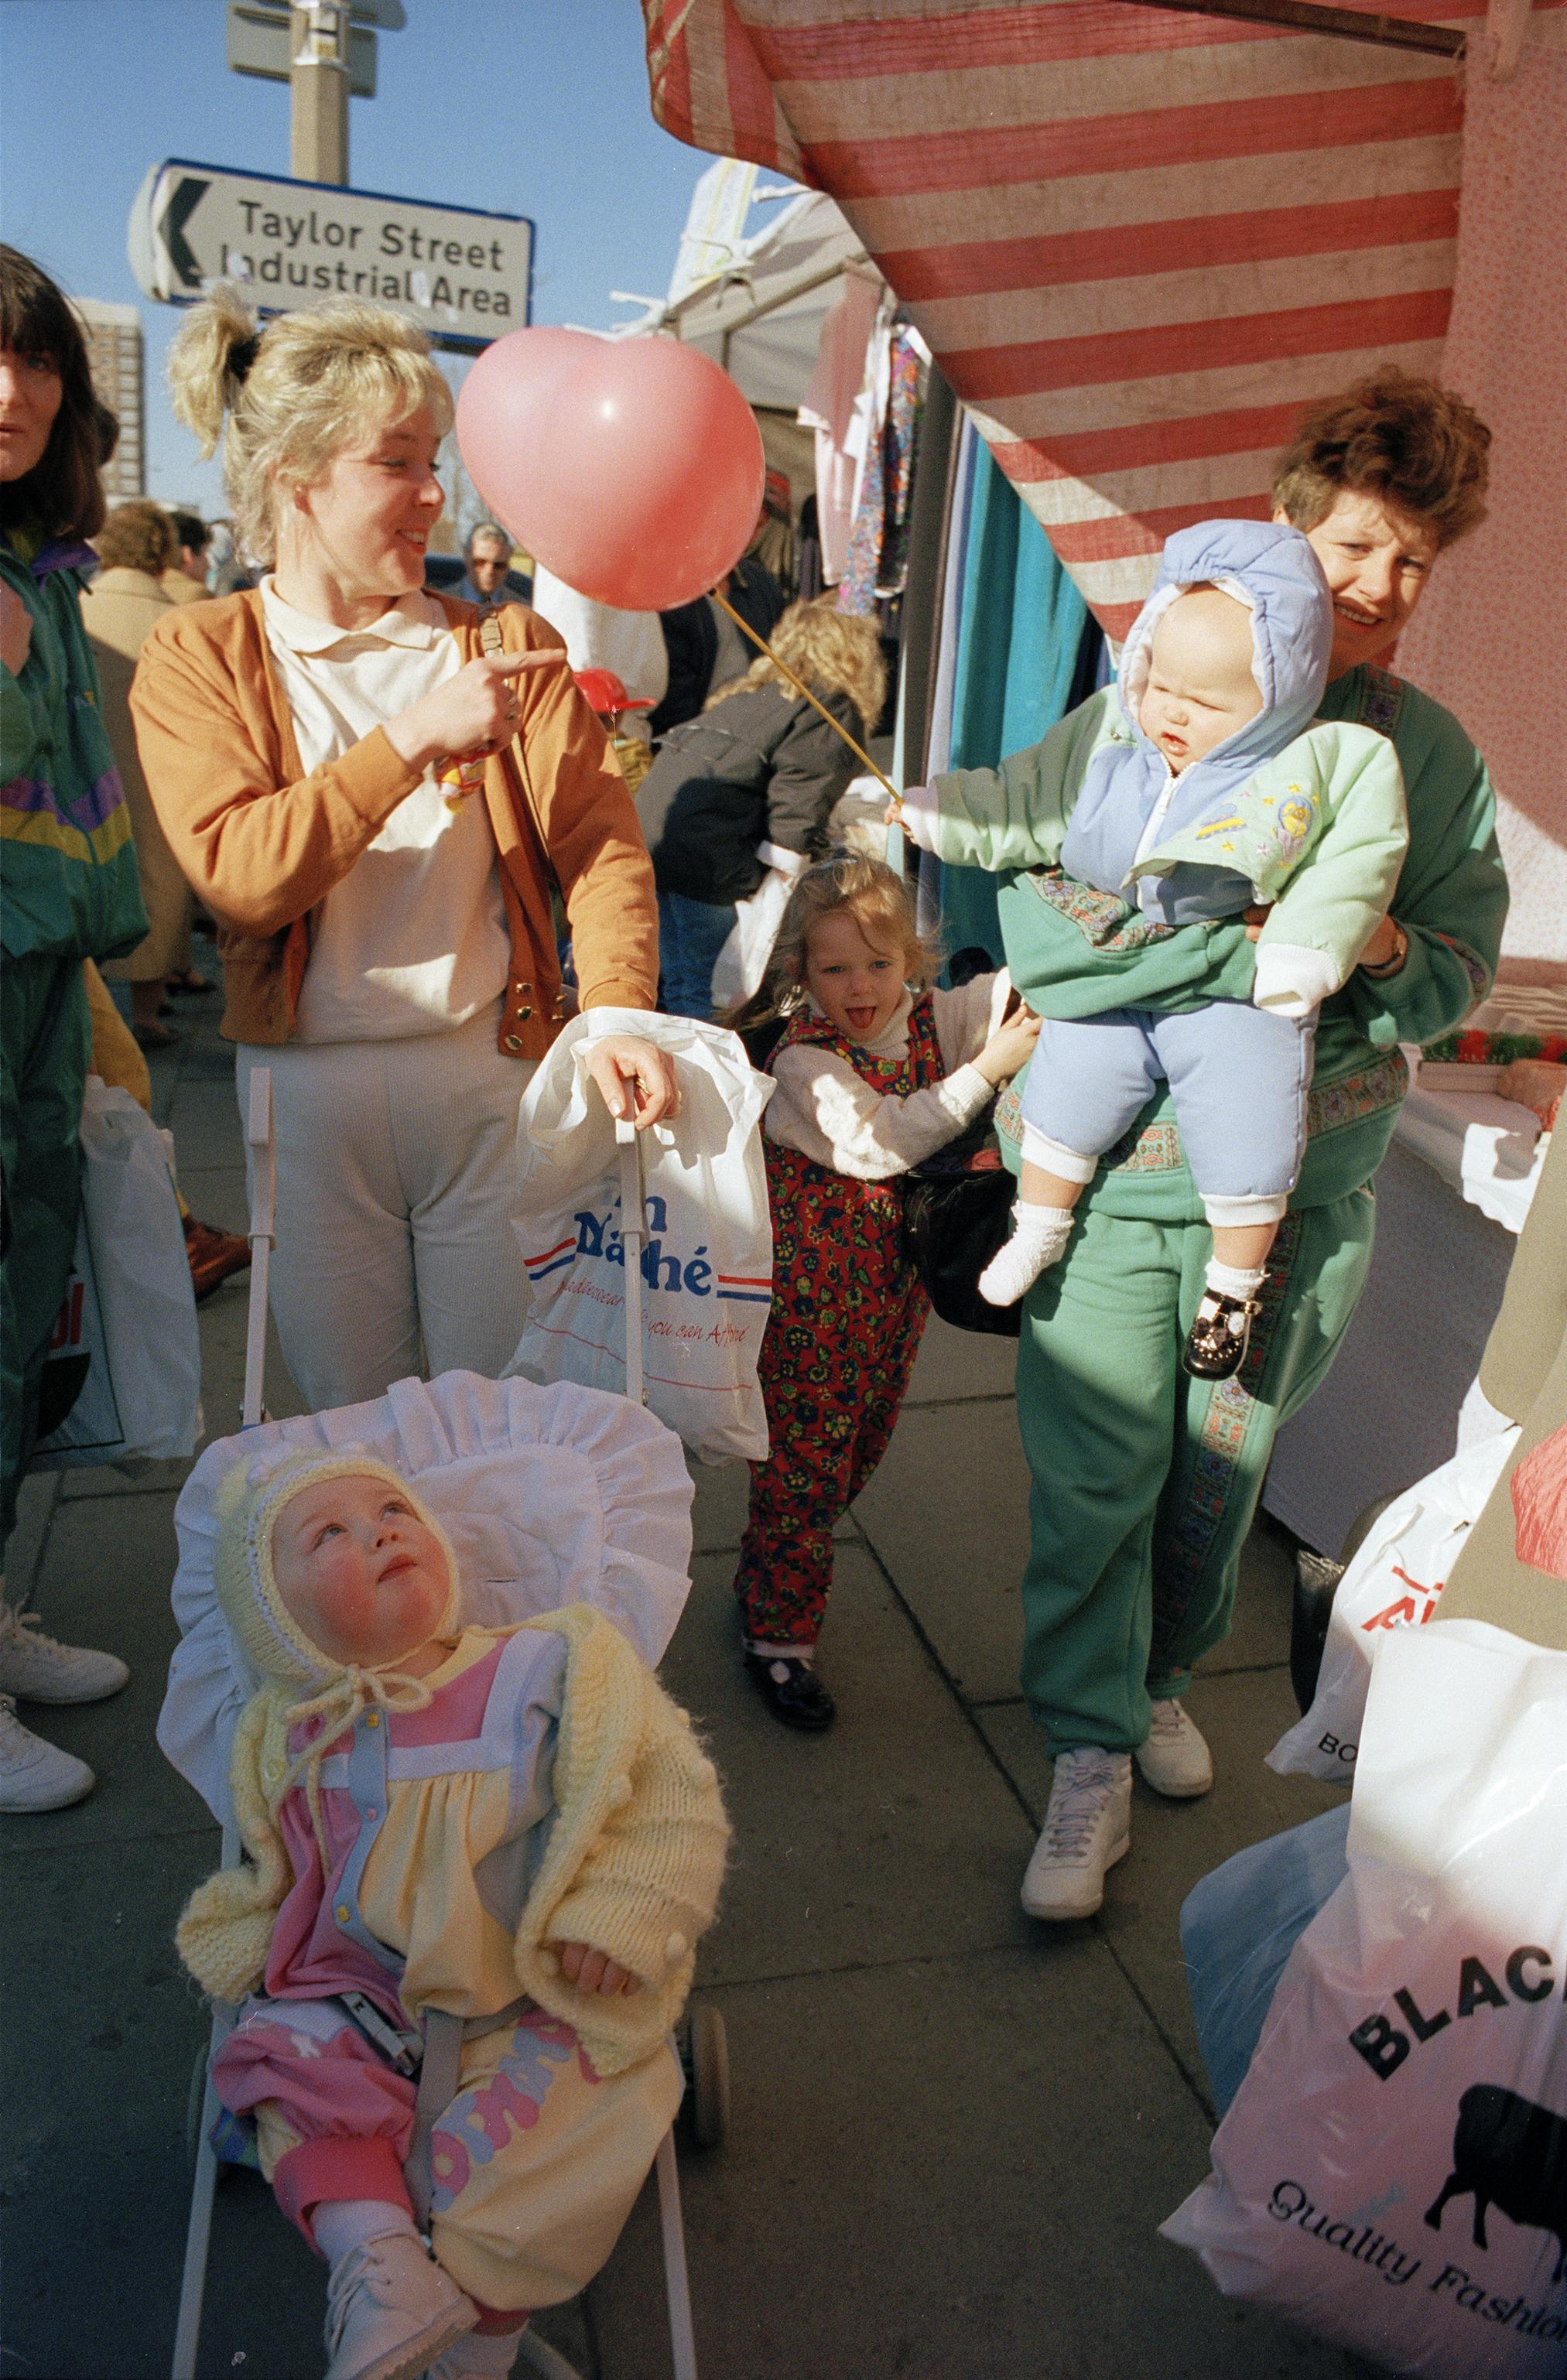 汤姆·伍德,《粉色的糖》,1991。图片由艺术家和Sit Down画廊提供。